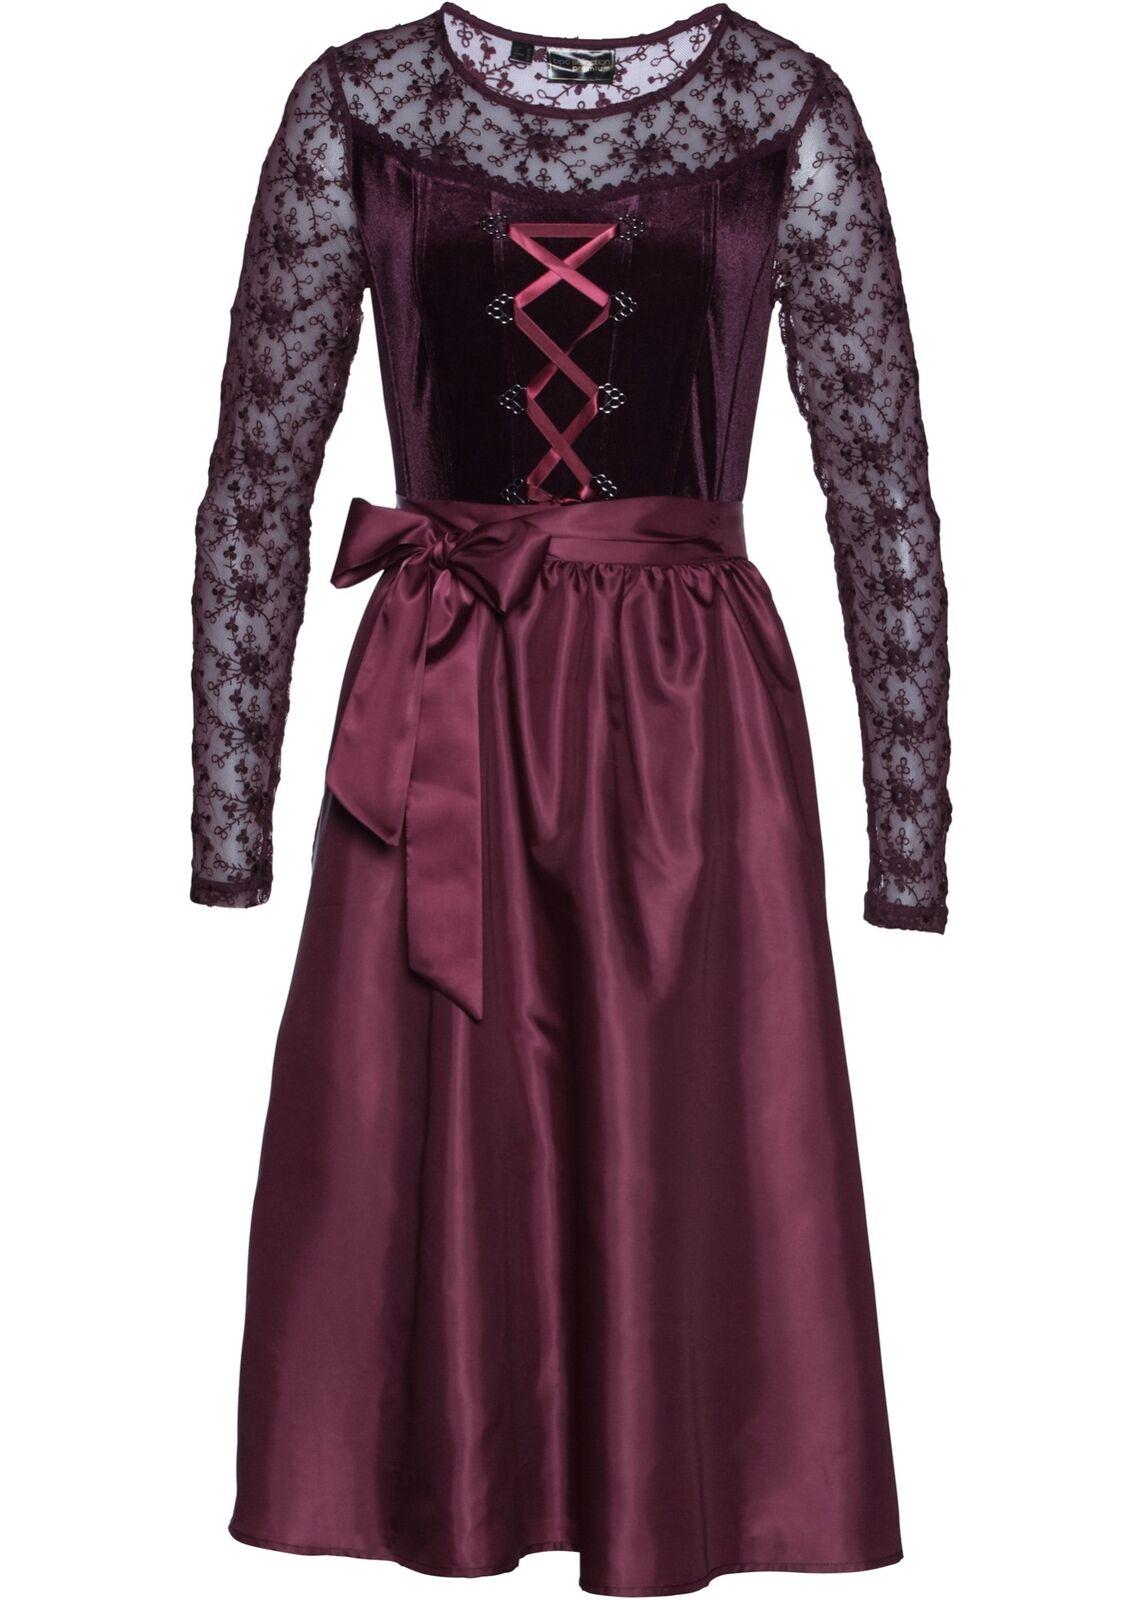 Samt-Dirndl    Gr. 42 Holunderbeere Damenkleid Midi-Dress Trachten-Kleid Neu | Ausgezeichnete Qualität  | Schnelle Lieferung  | Bekannt für seine hervorragende Qualität  c78cd1